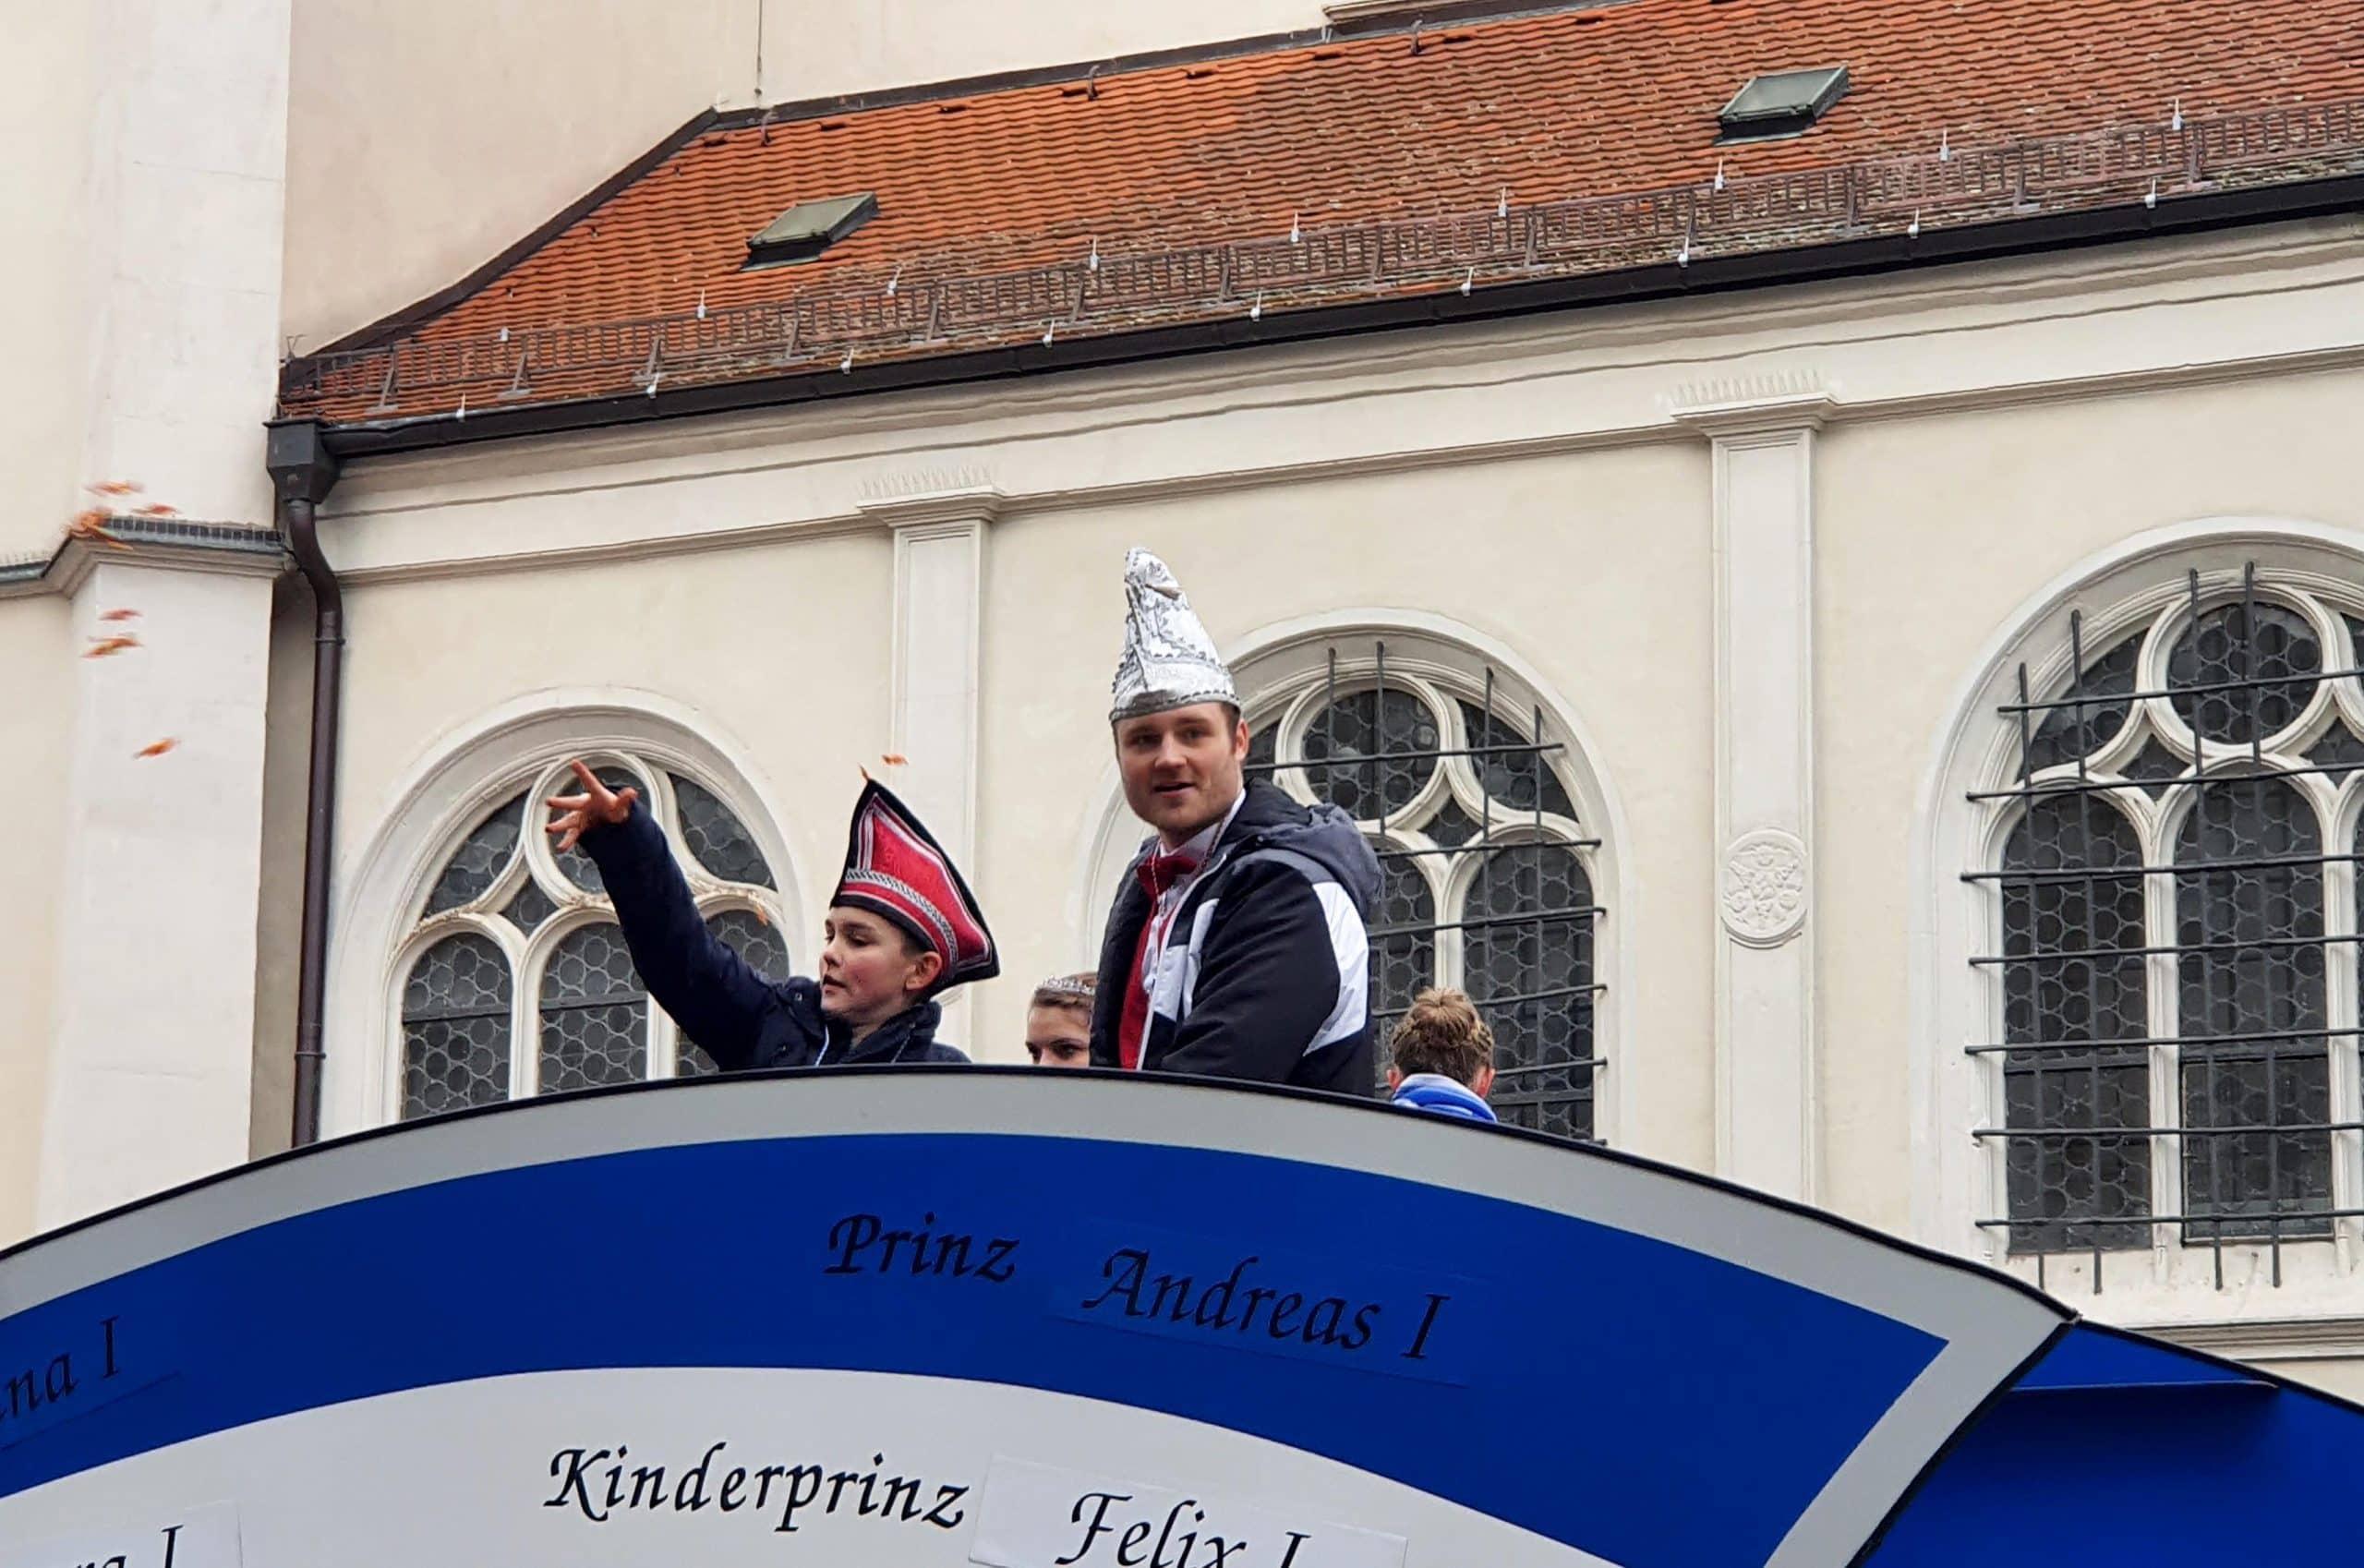 Prinzen Andreas I. und Felix I. verteilten fleißig Bonbons ans Volk